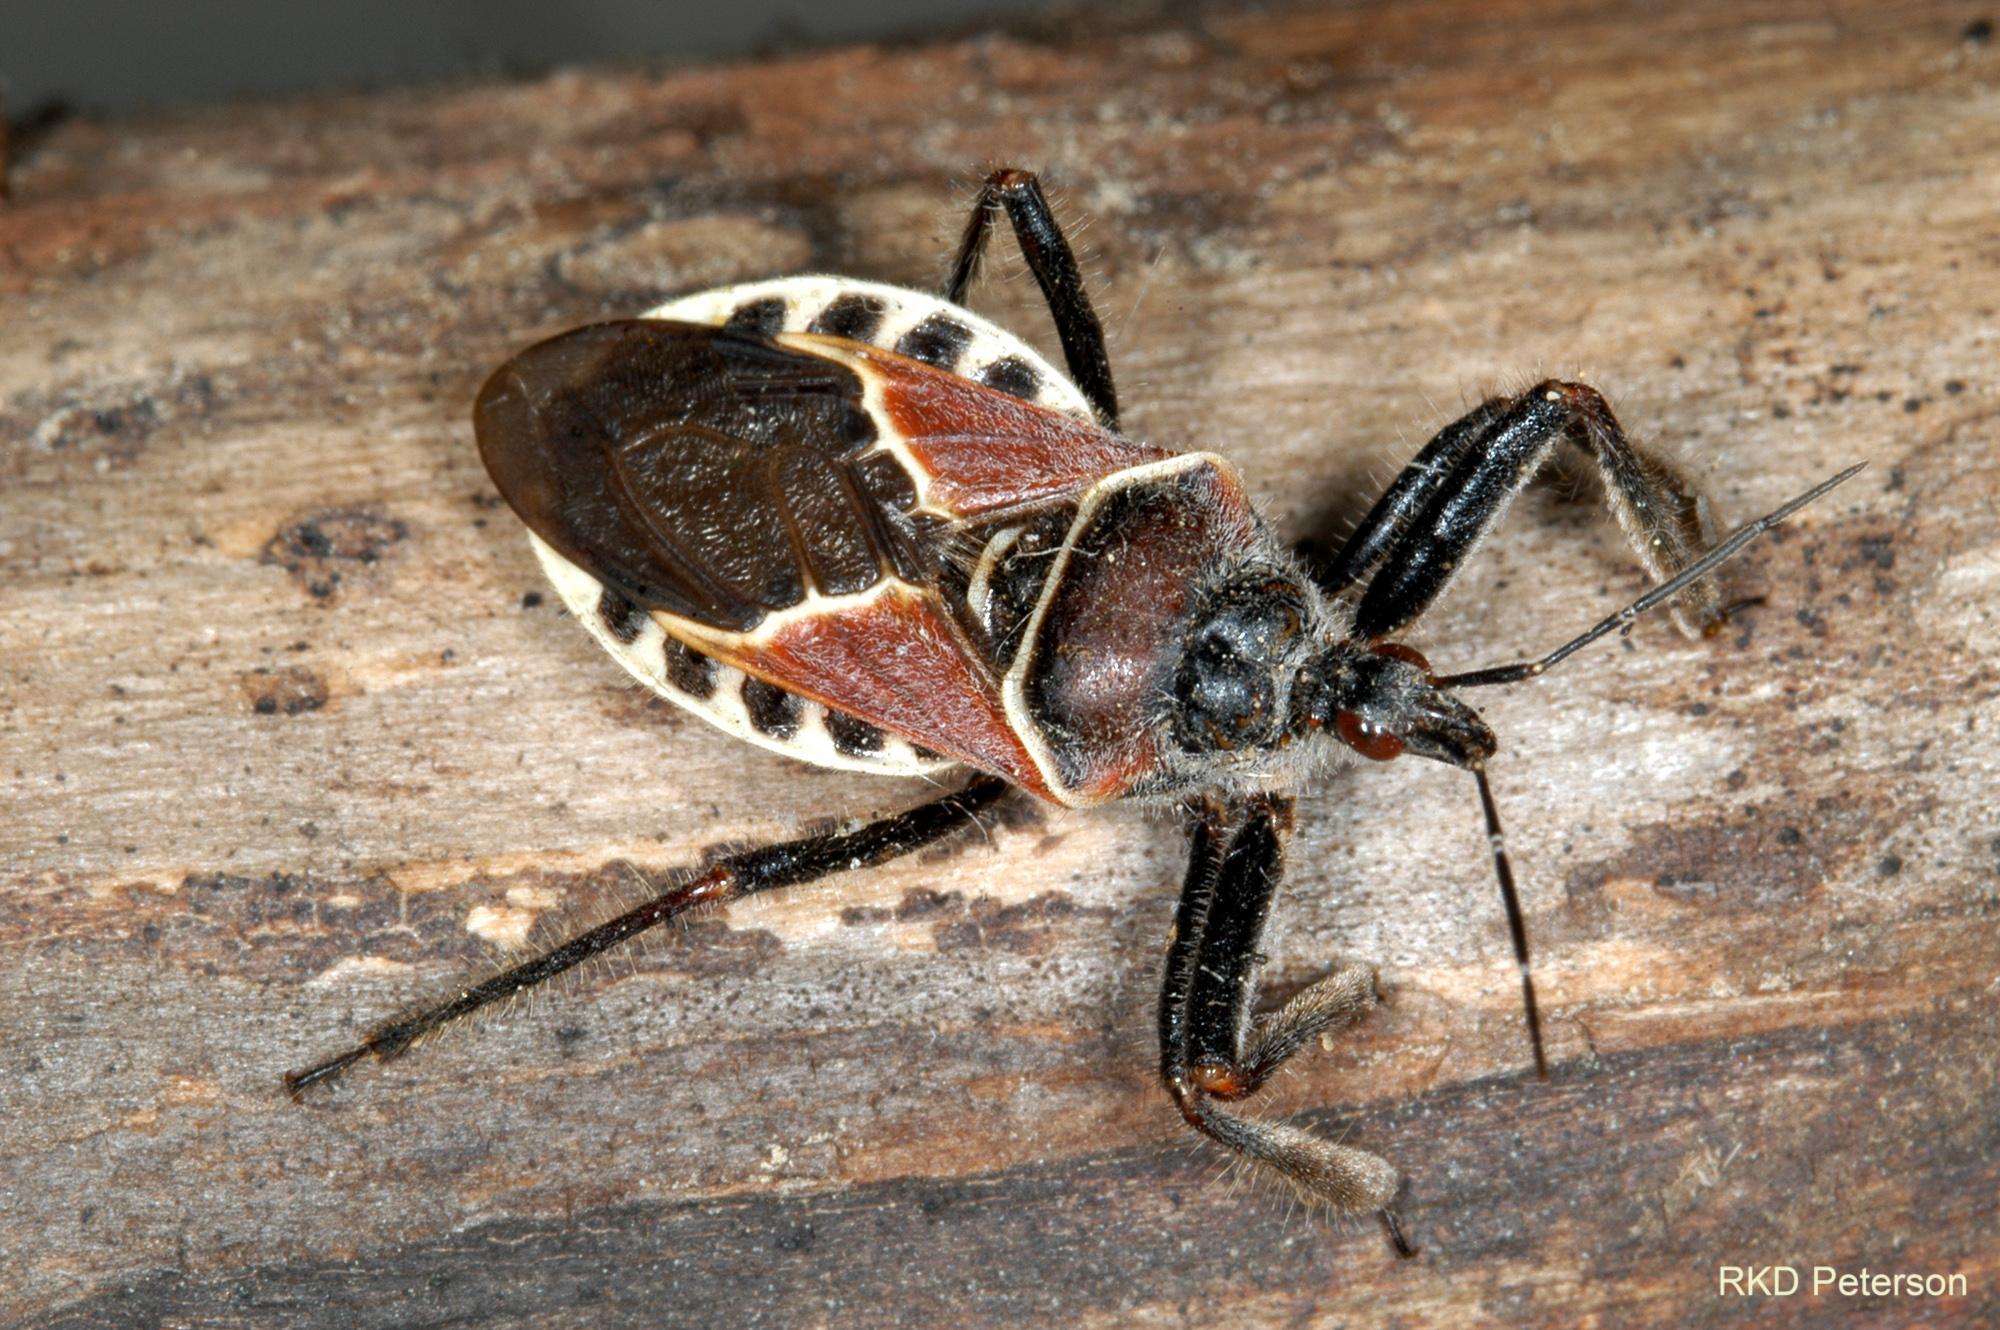 Apiomerus spissipes